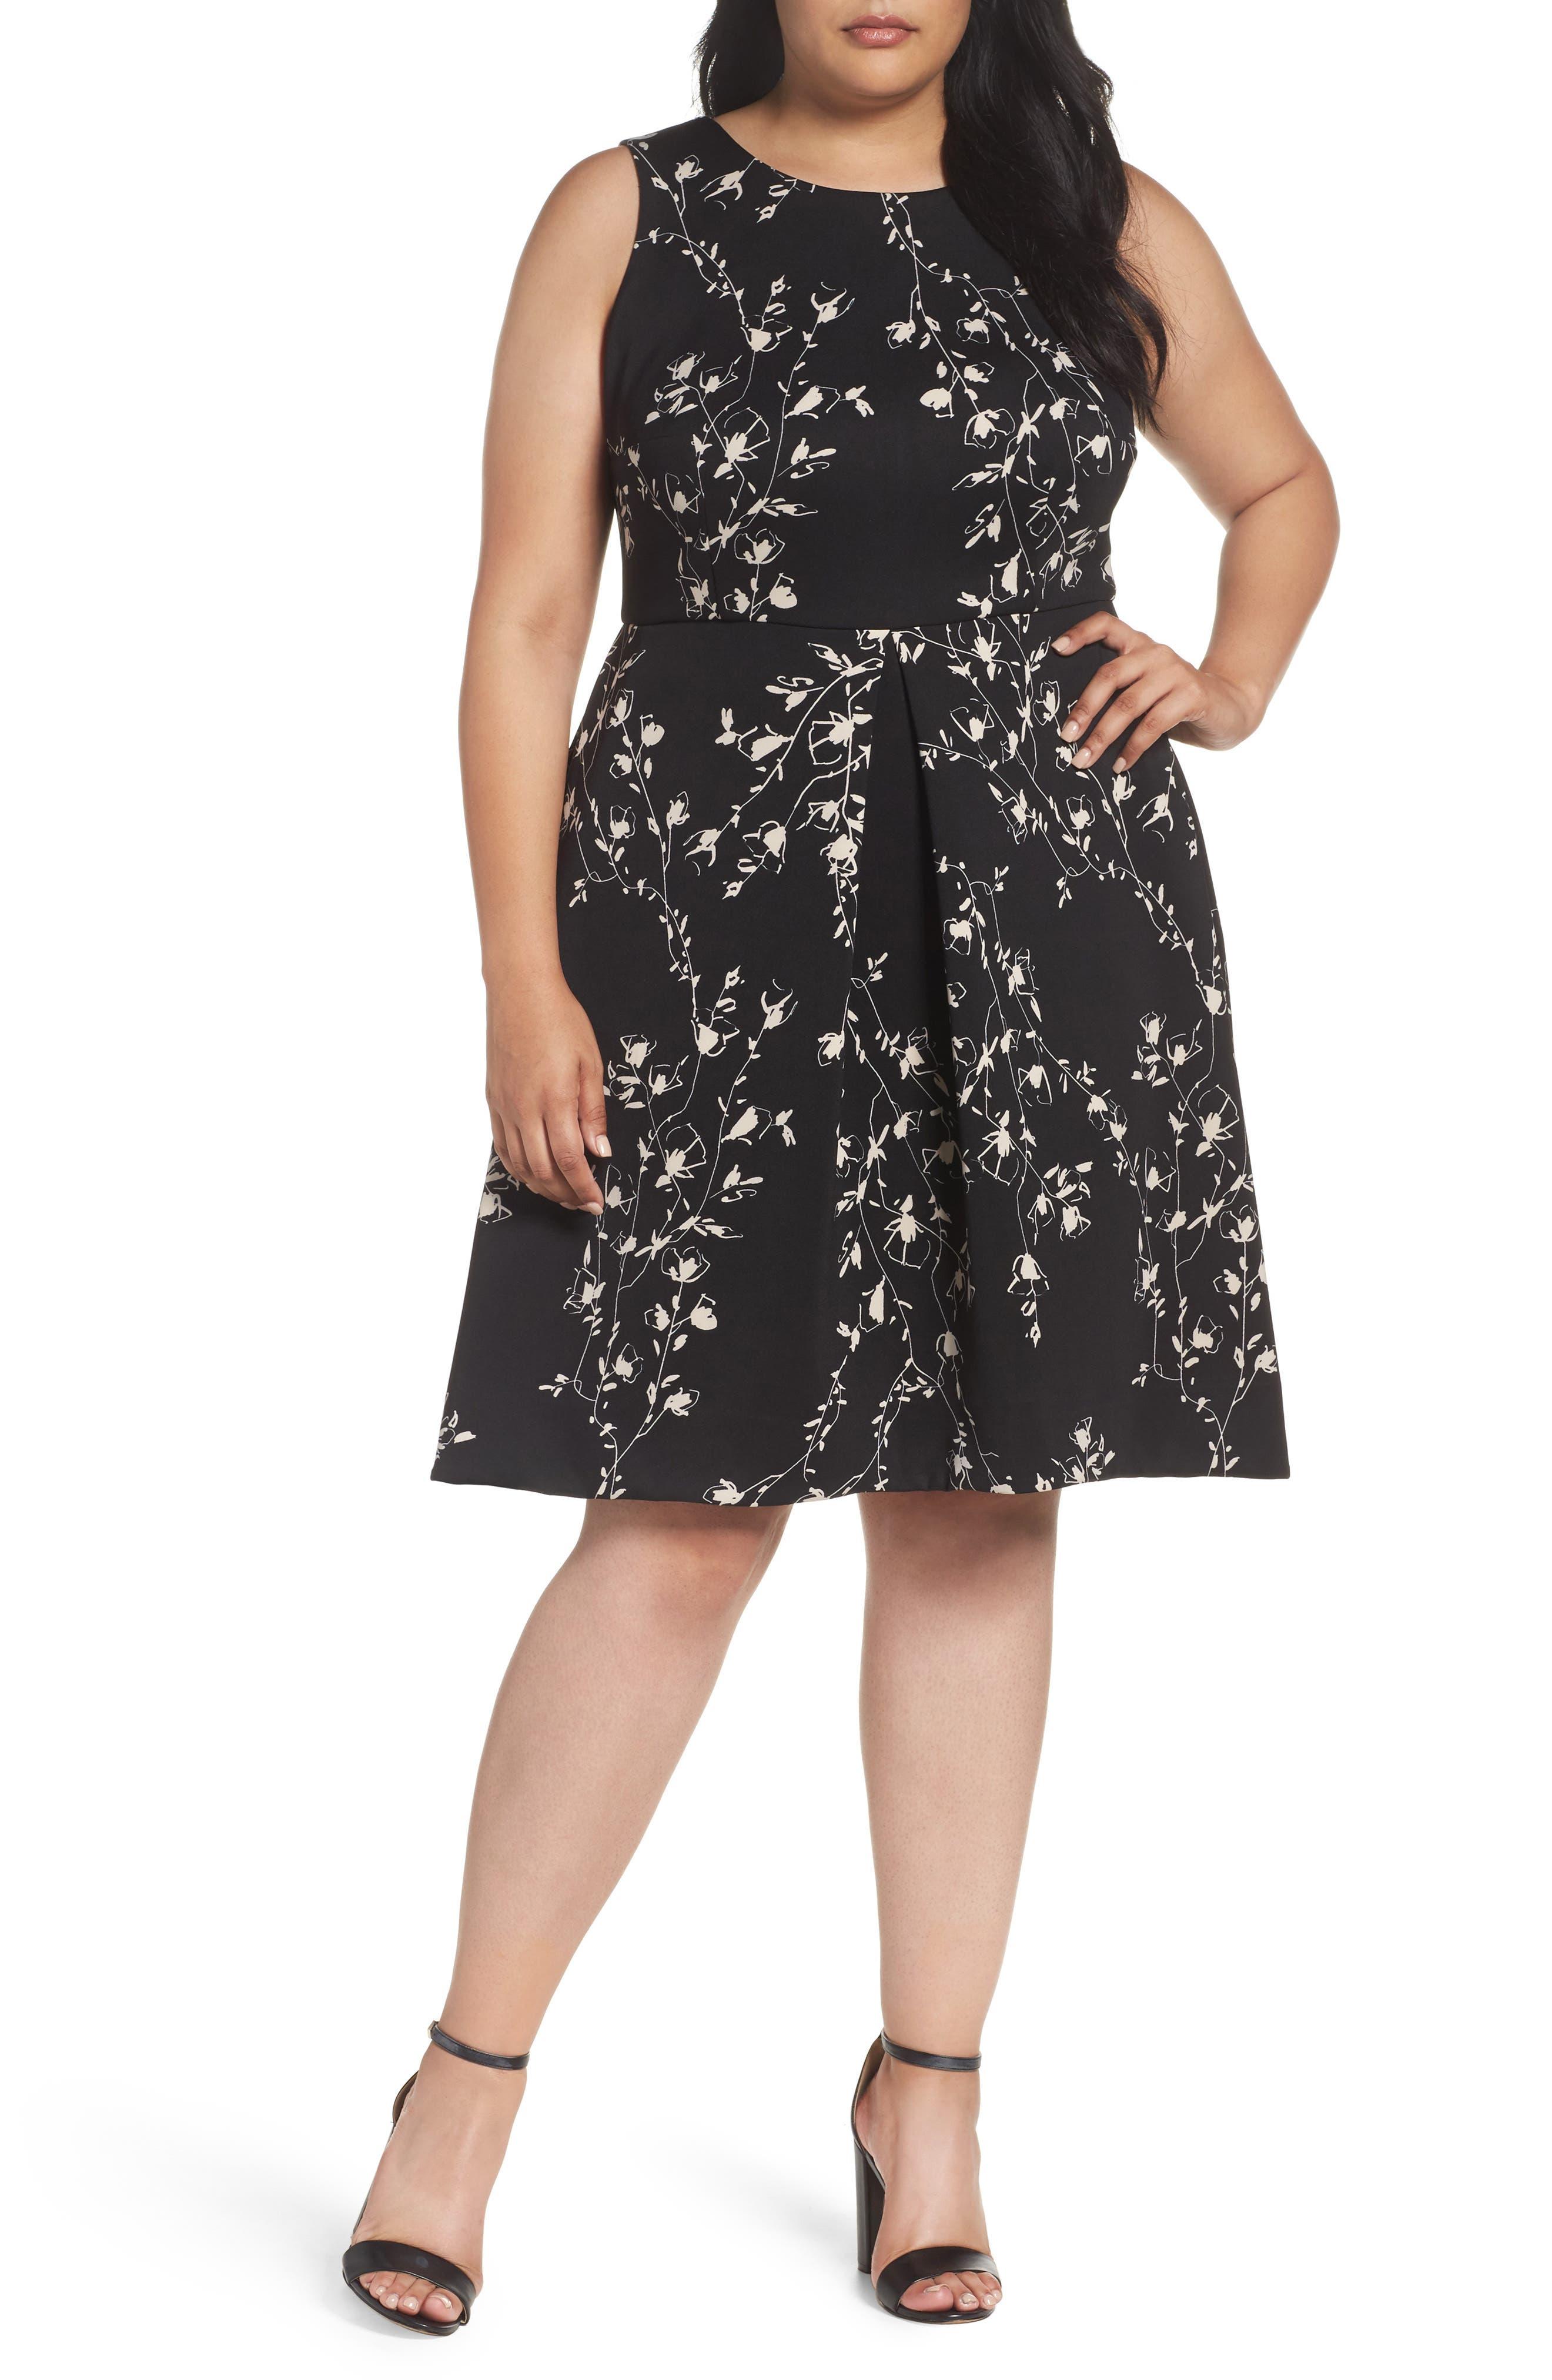 Main Image - Taylor Dresses Etched Floral Scuba Knit Fit & Flare Dress (Plus Size)